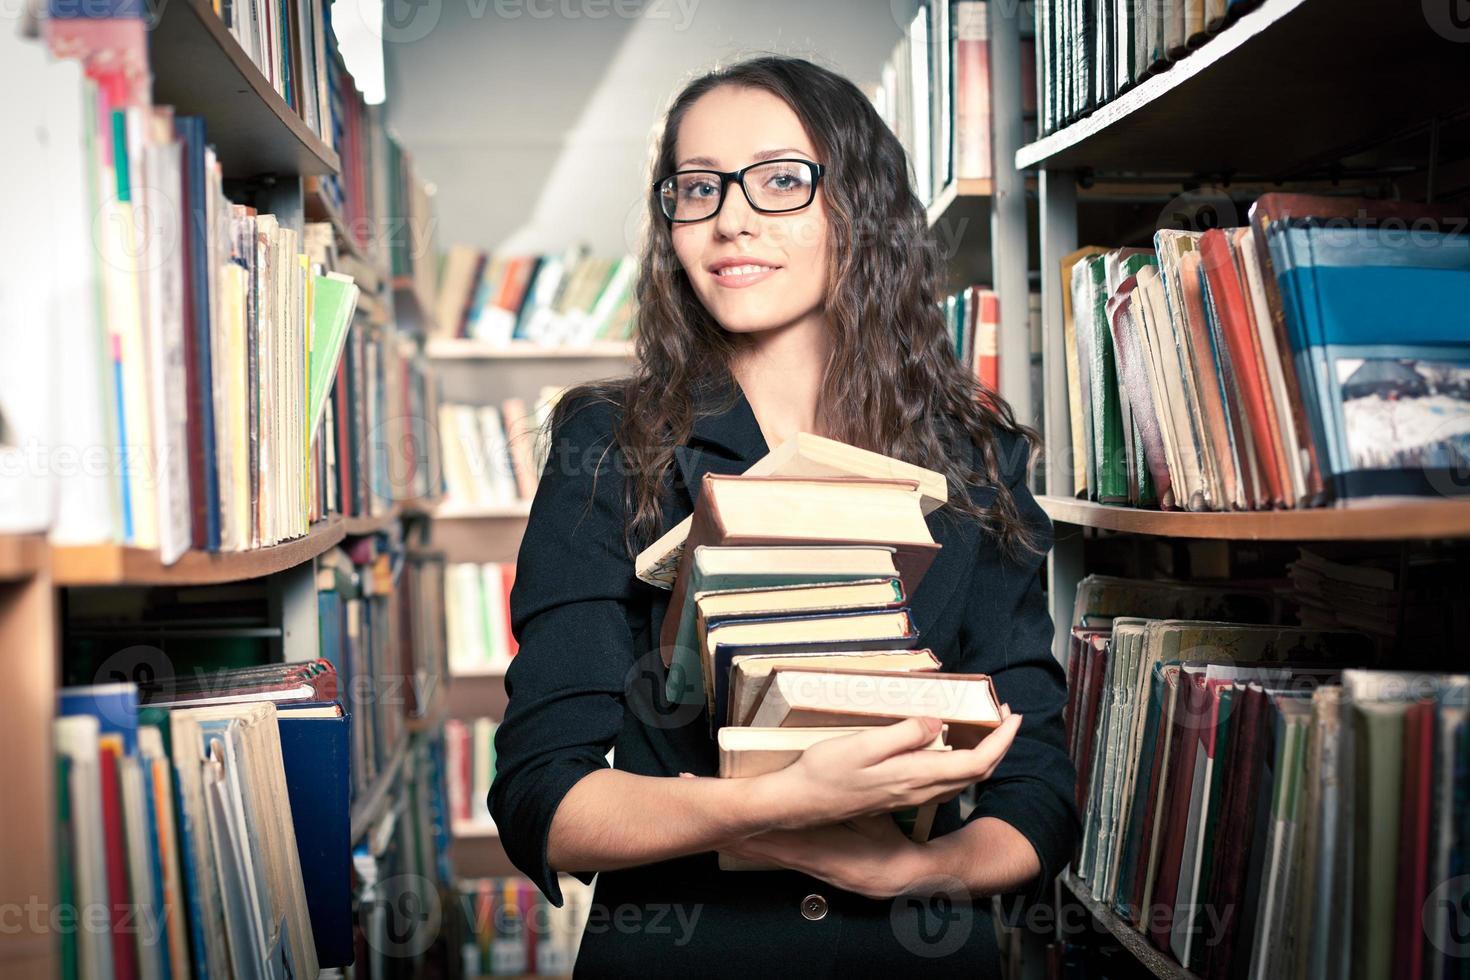 donna bruna in biblioteca foto